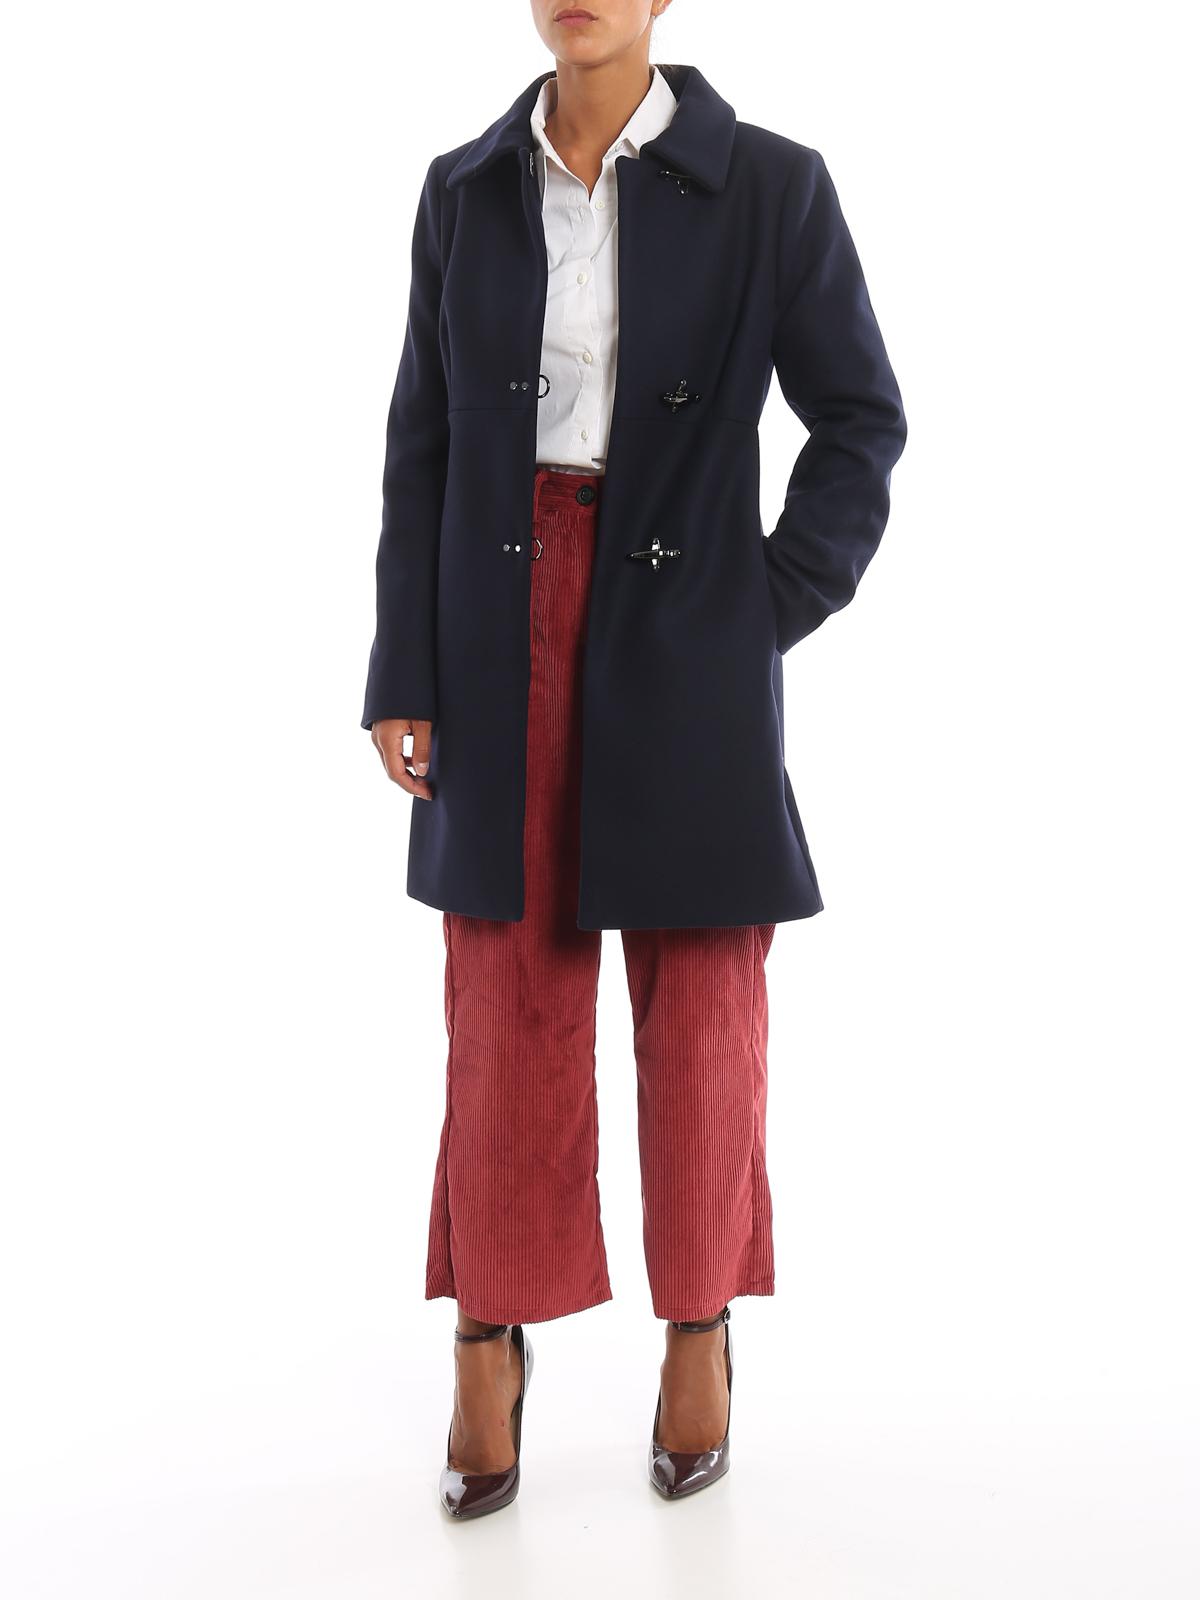 Fay Cappotto in panno di lana tre Ganci cappotti corti